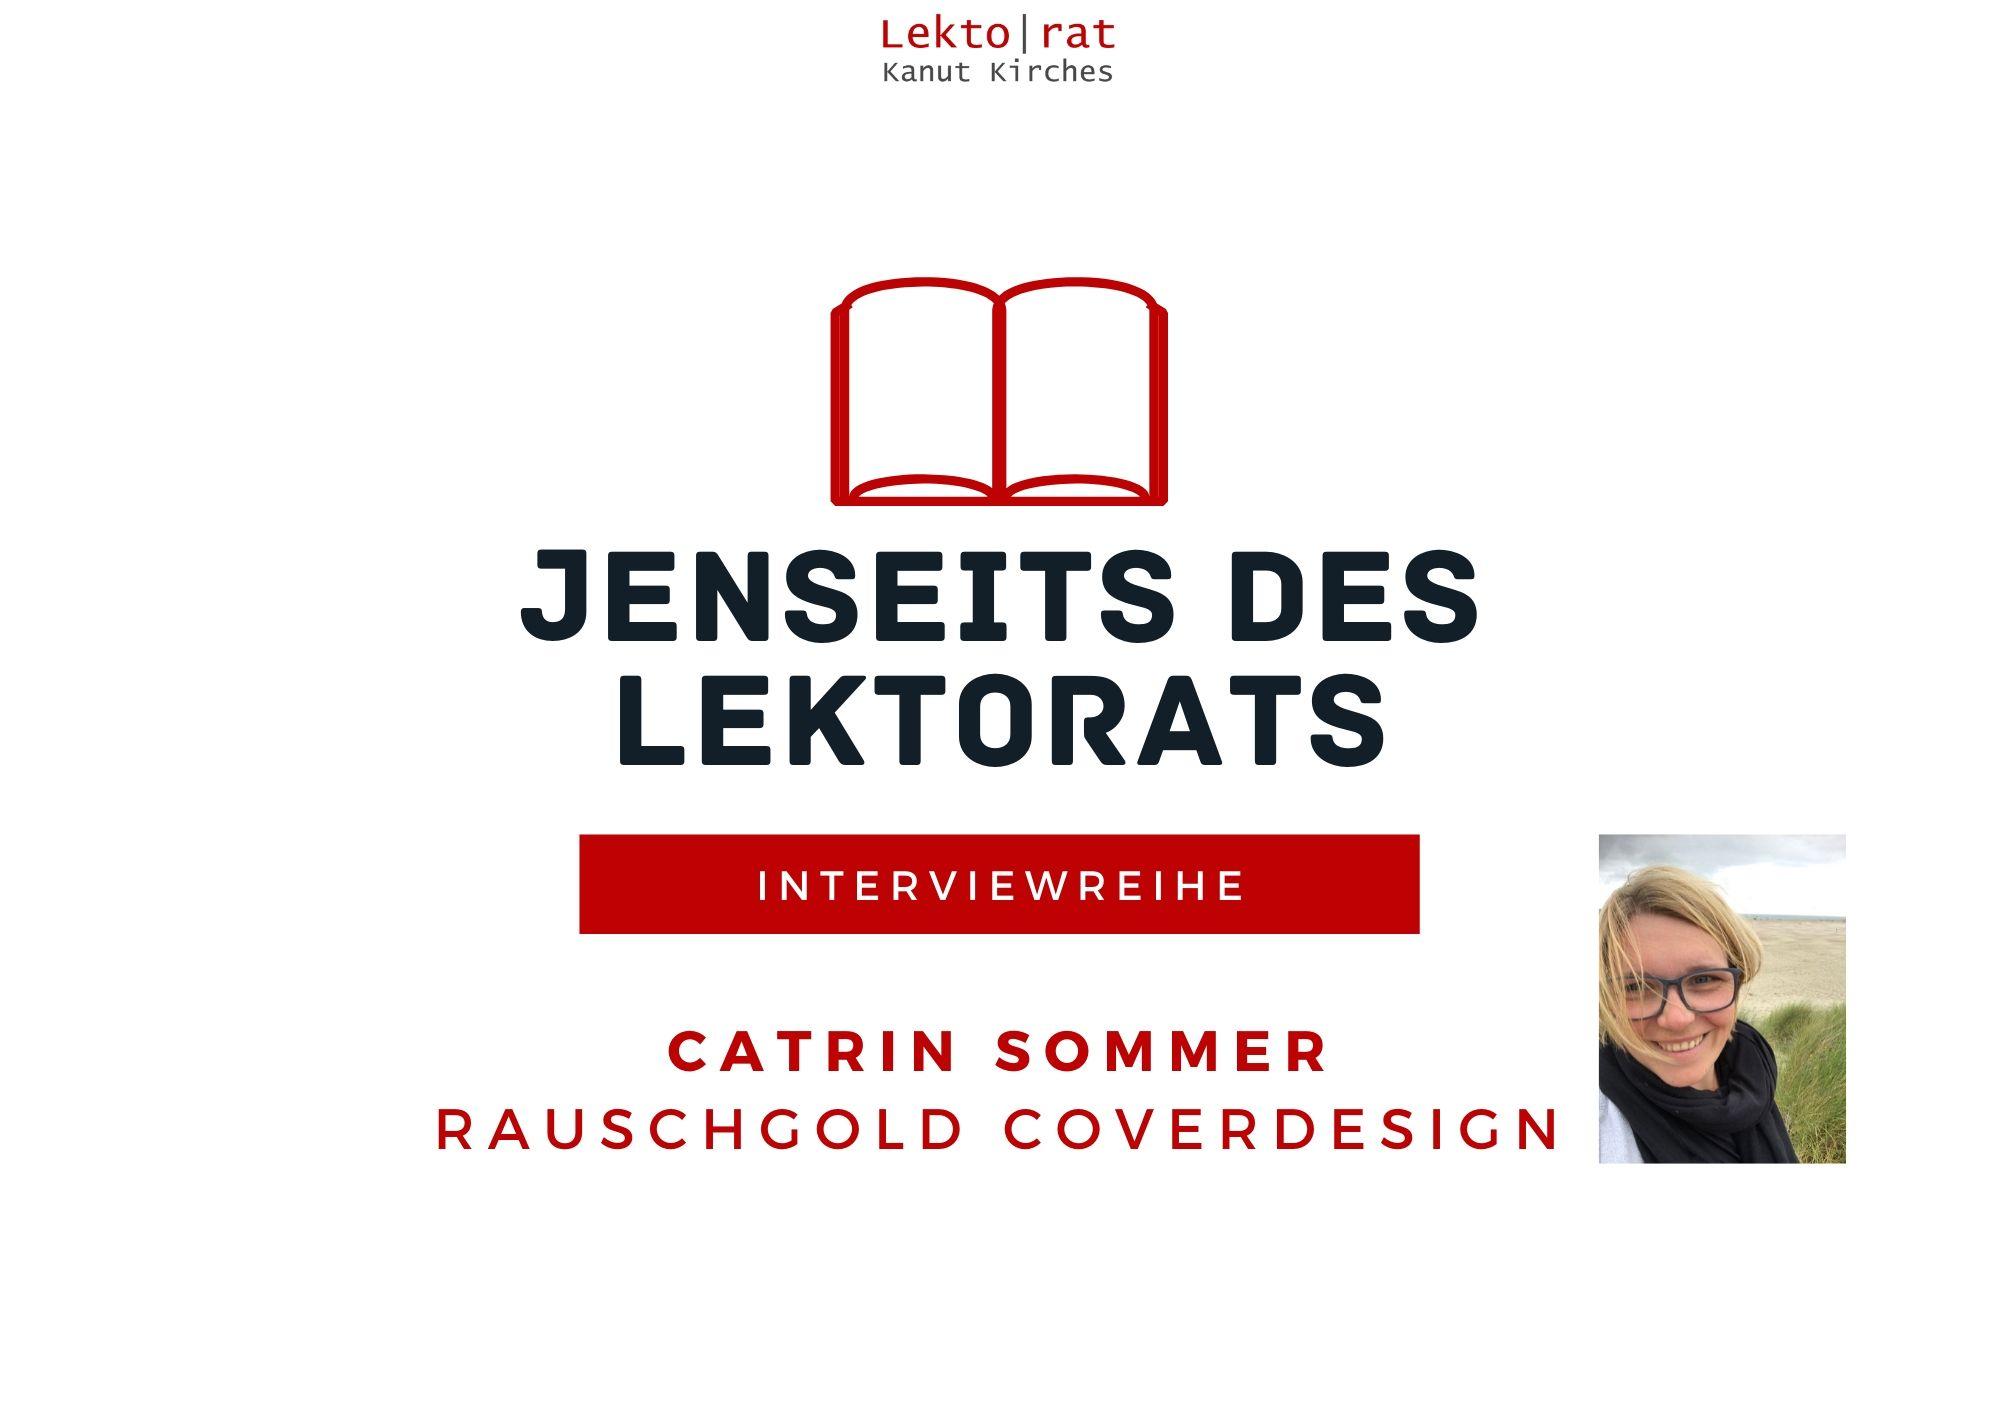 Jenseits des Lektorats: Coverdesignerin Catrin Sommer im Interview